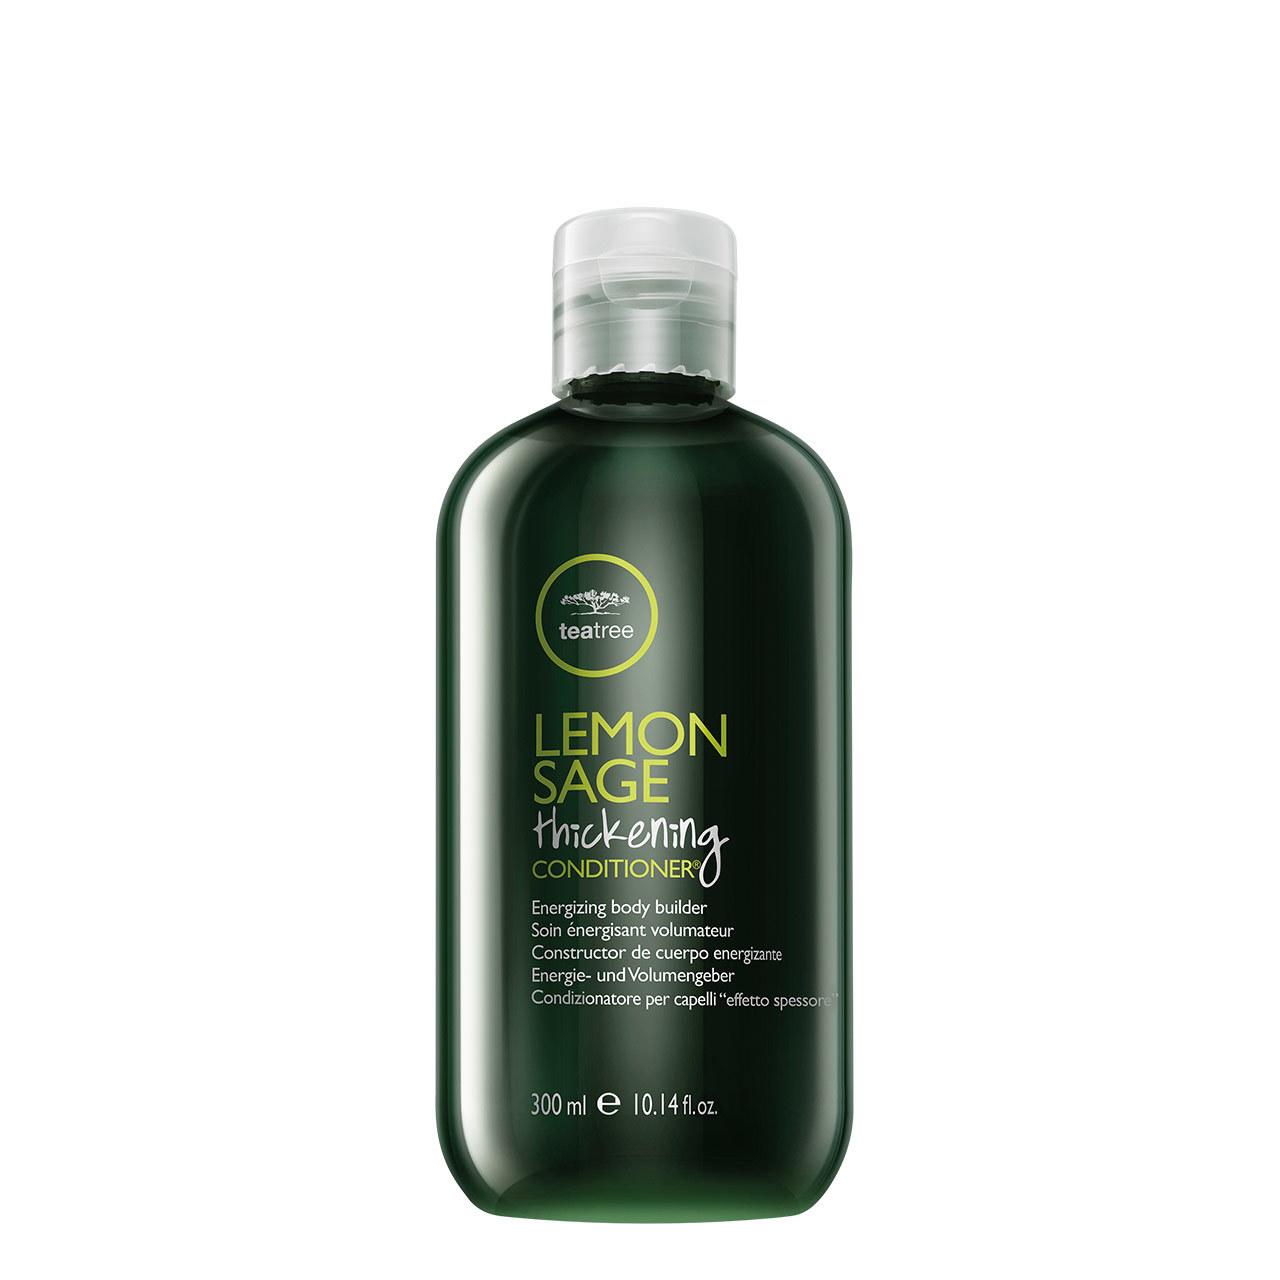 Lemon Sage Thickening Conditioner® obsah (ml): 300ml